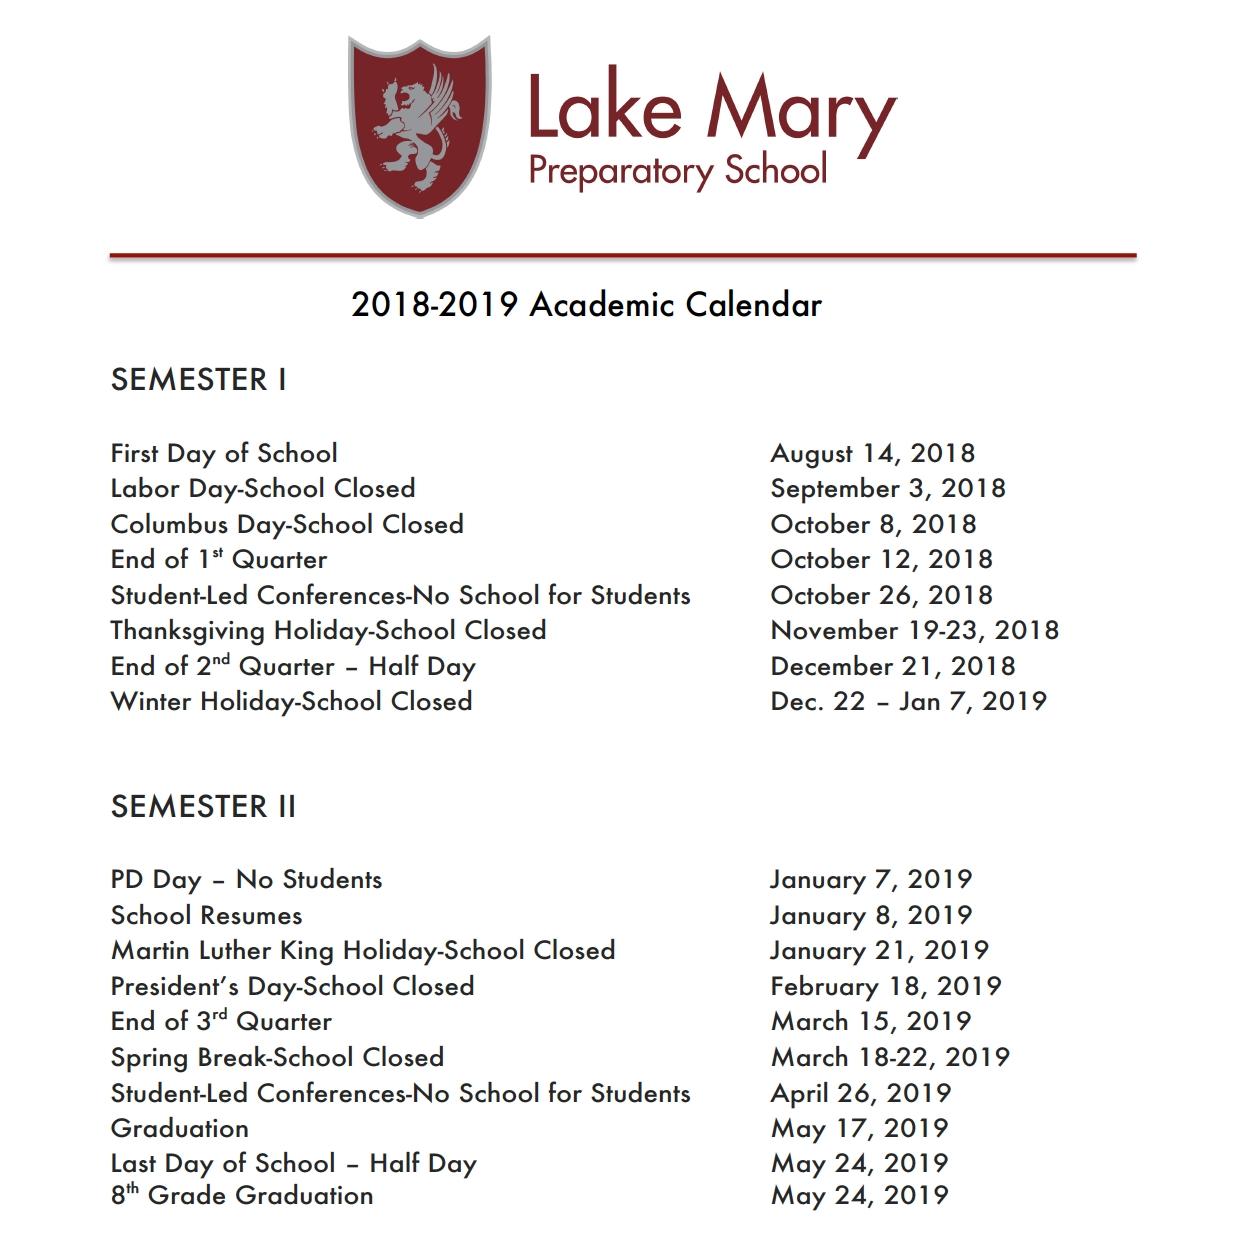 2018-2019 Calendar At A Glance | School Year Overview Calendar 2019 1St Quarter